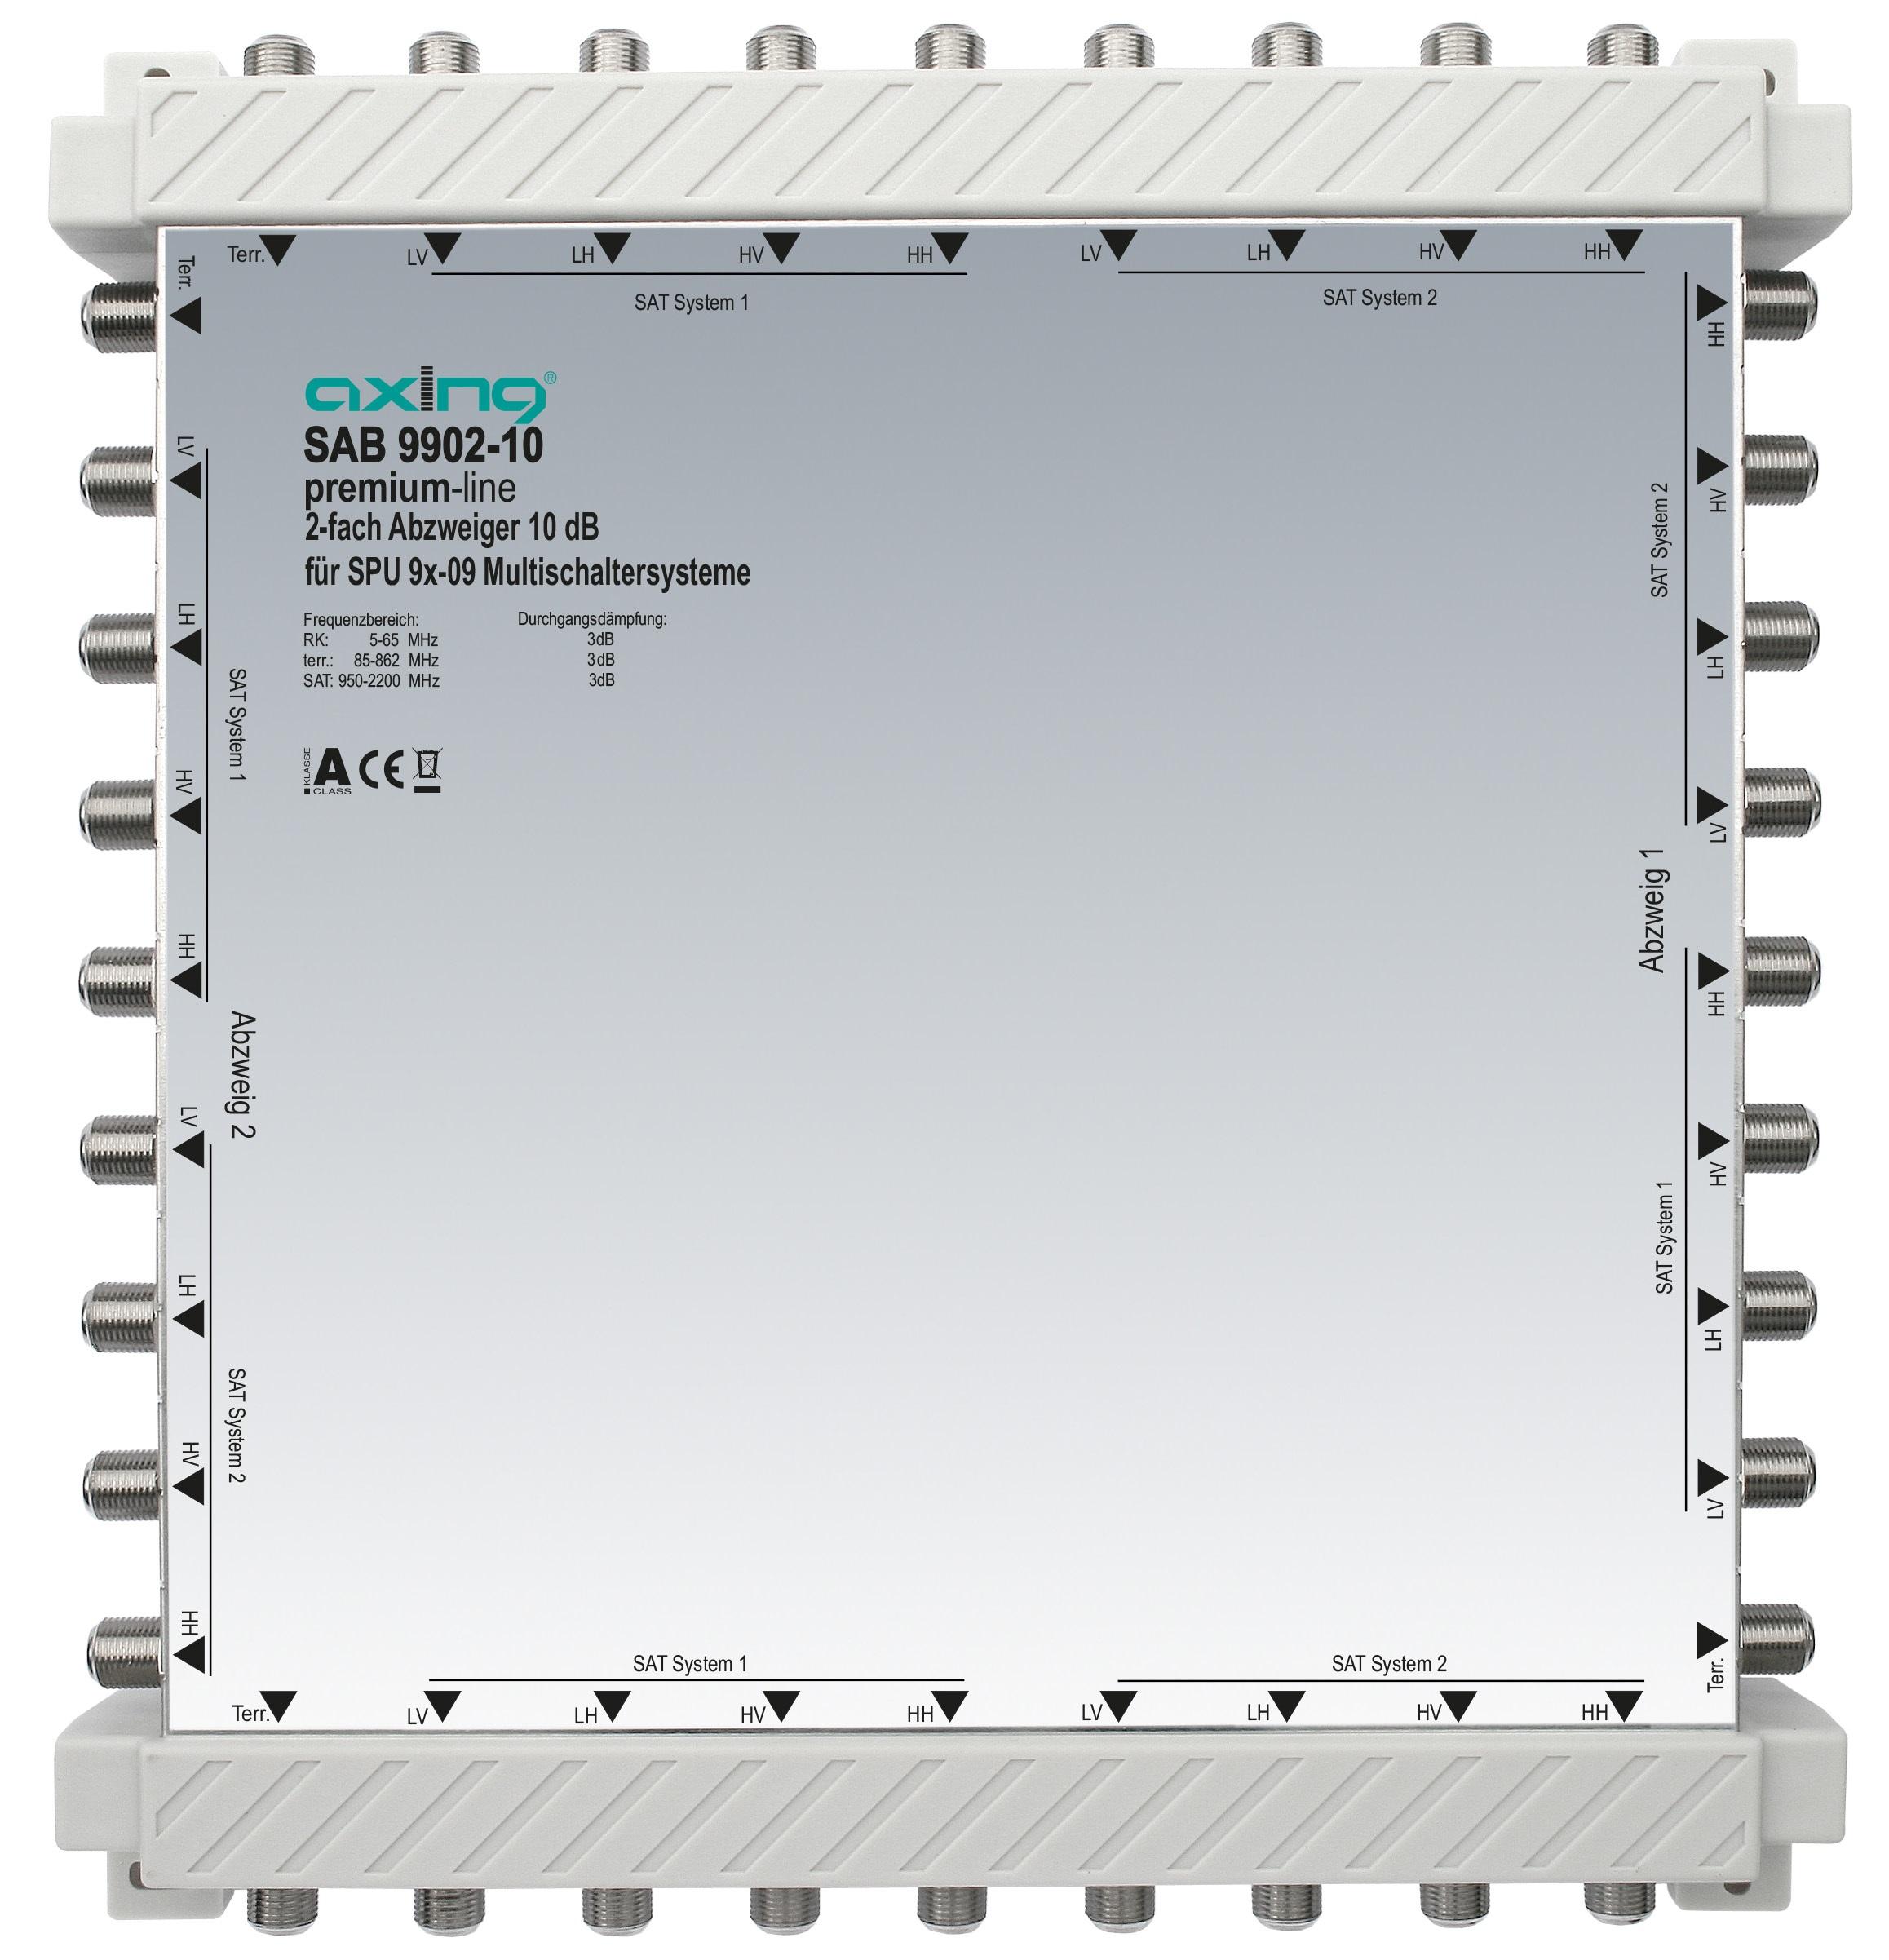 1 Stk 2-fach Abzweiger, 9 in 9, 10 dB, 5 bis 2200 MHz, SAB5501-10 HSZUV99210